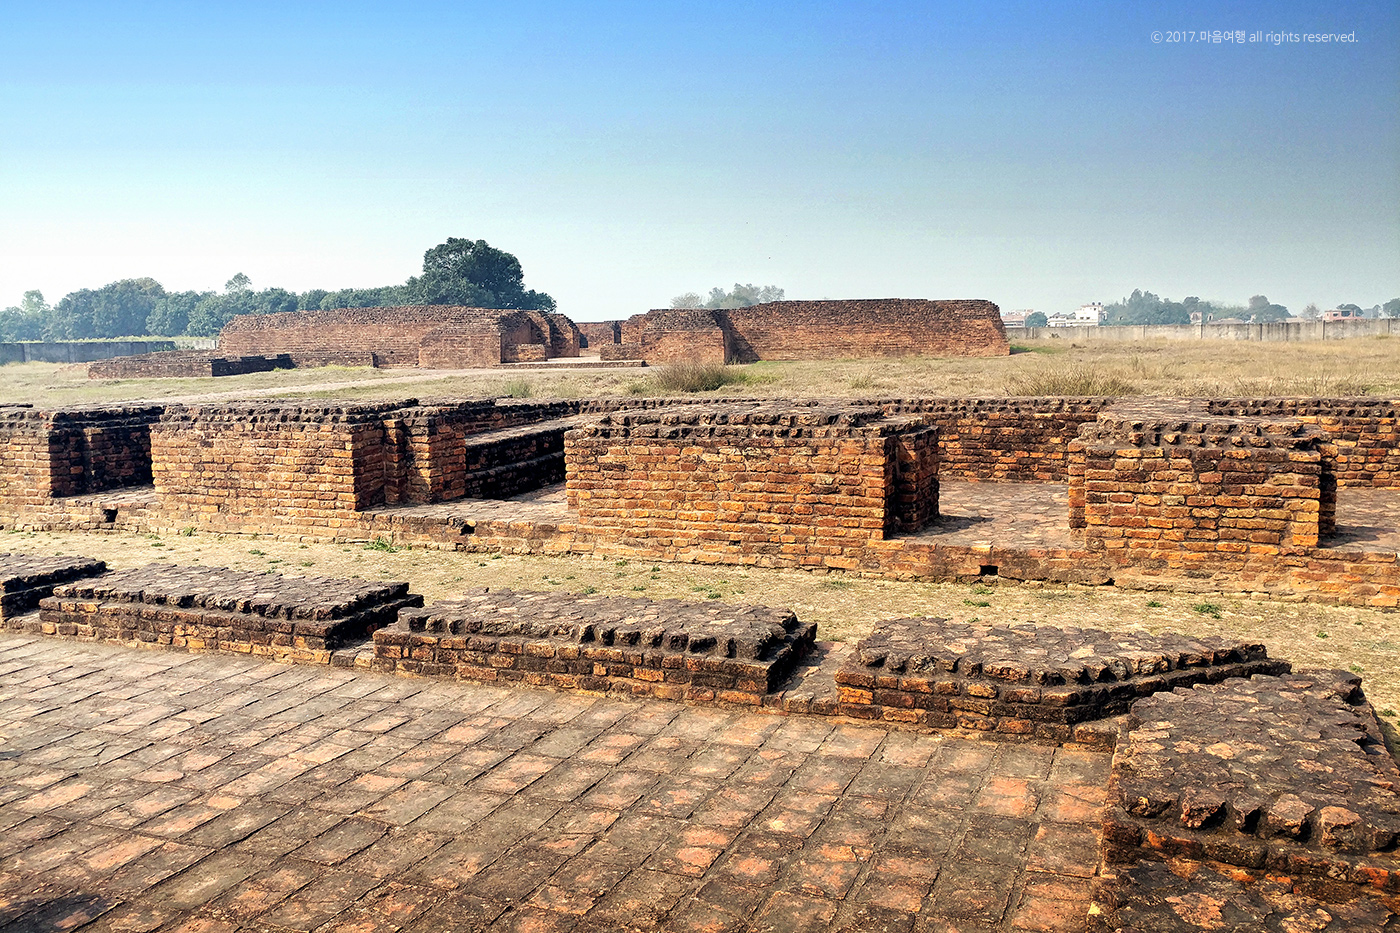 부처님의 고향 - 카필라성 왕궁 유적지